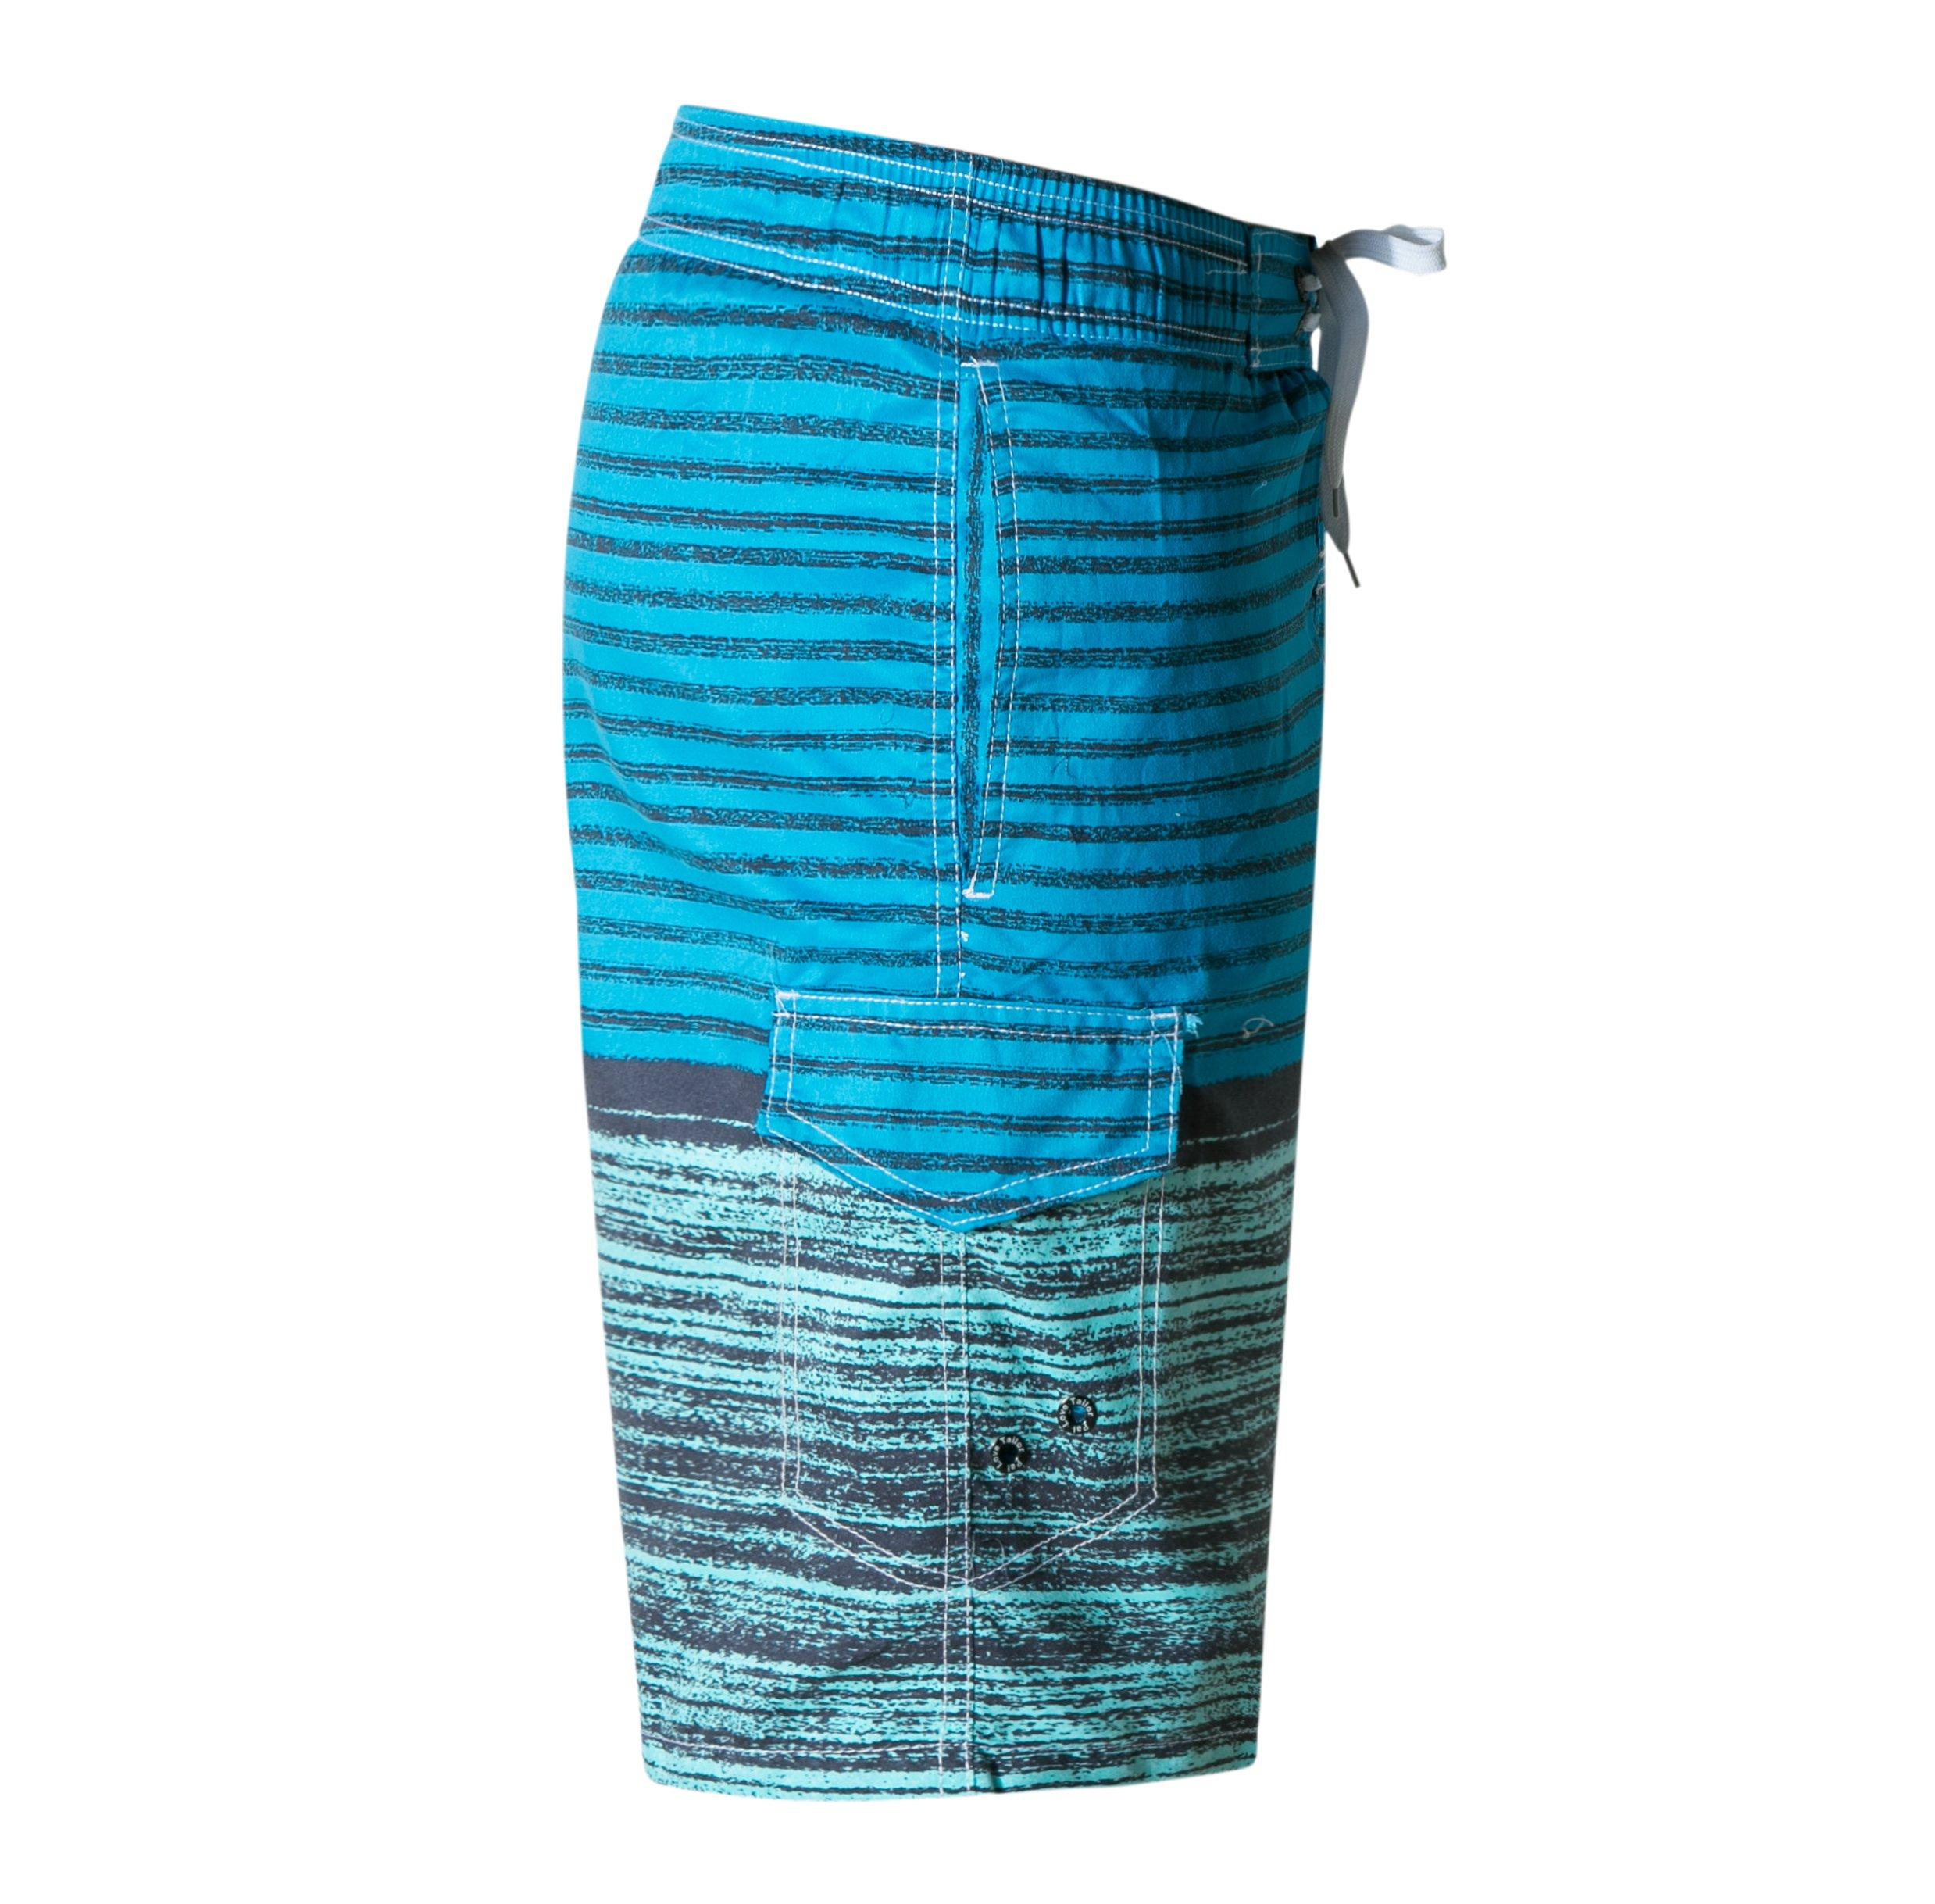 ZIITOP Men\'s Swim Trunks Quick Dry Water Beach Board Shorts Striped Sportwear Striped Sea Blue XXL